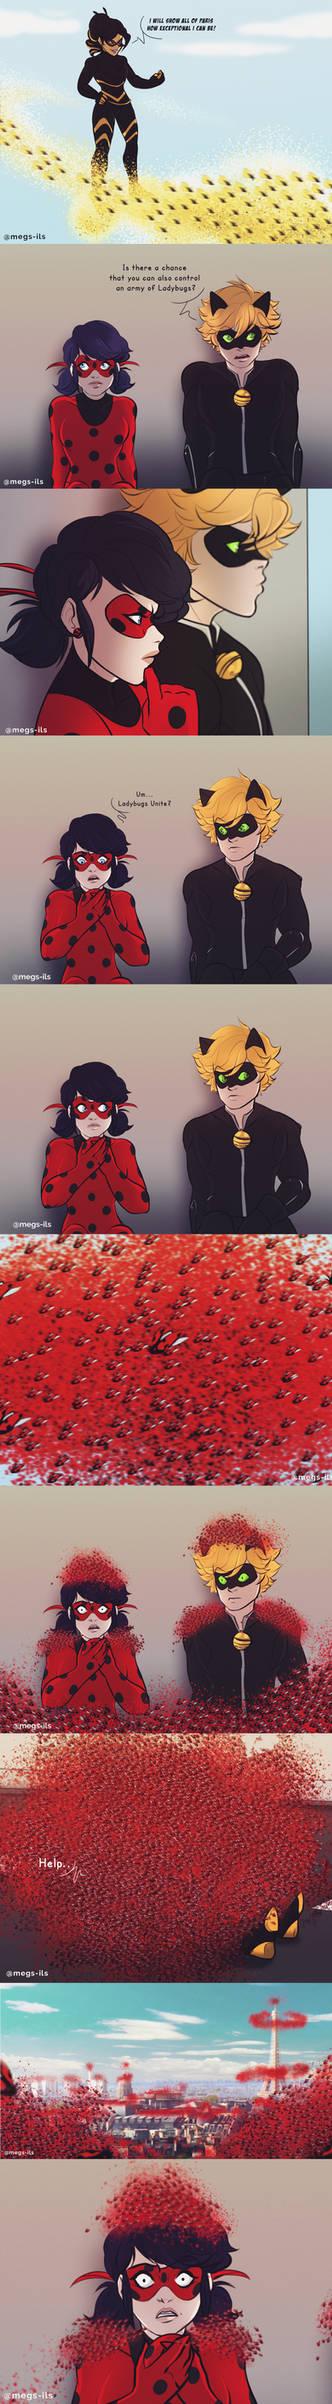 Ladybugs Unite